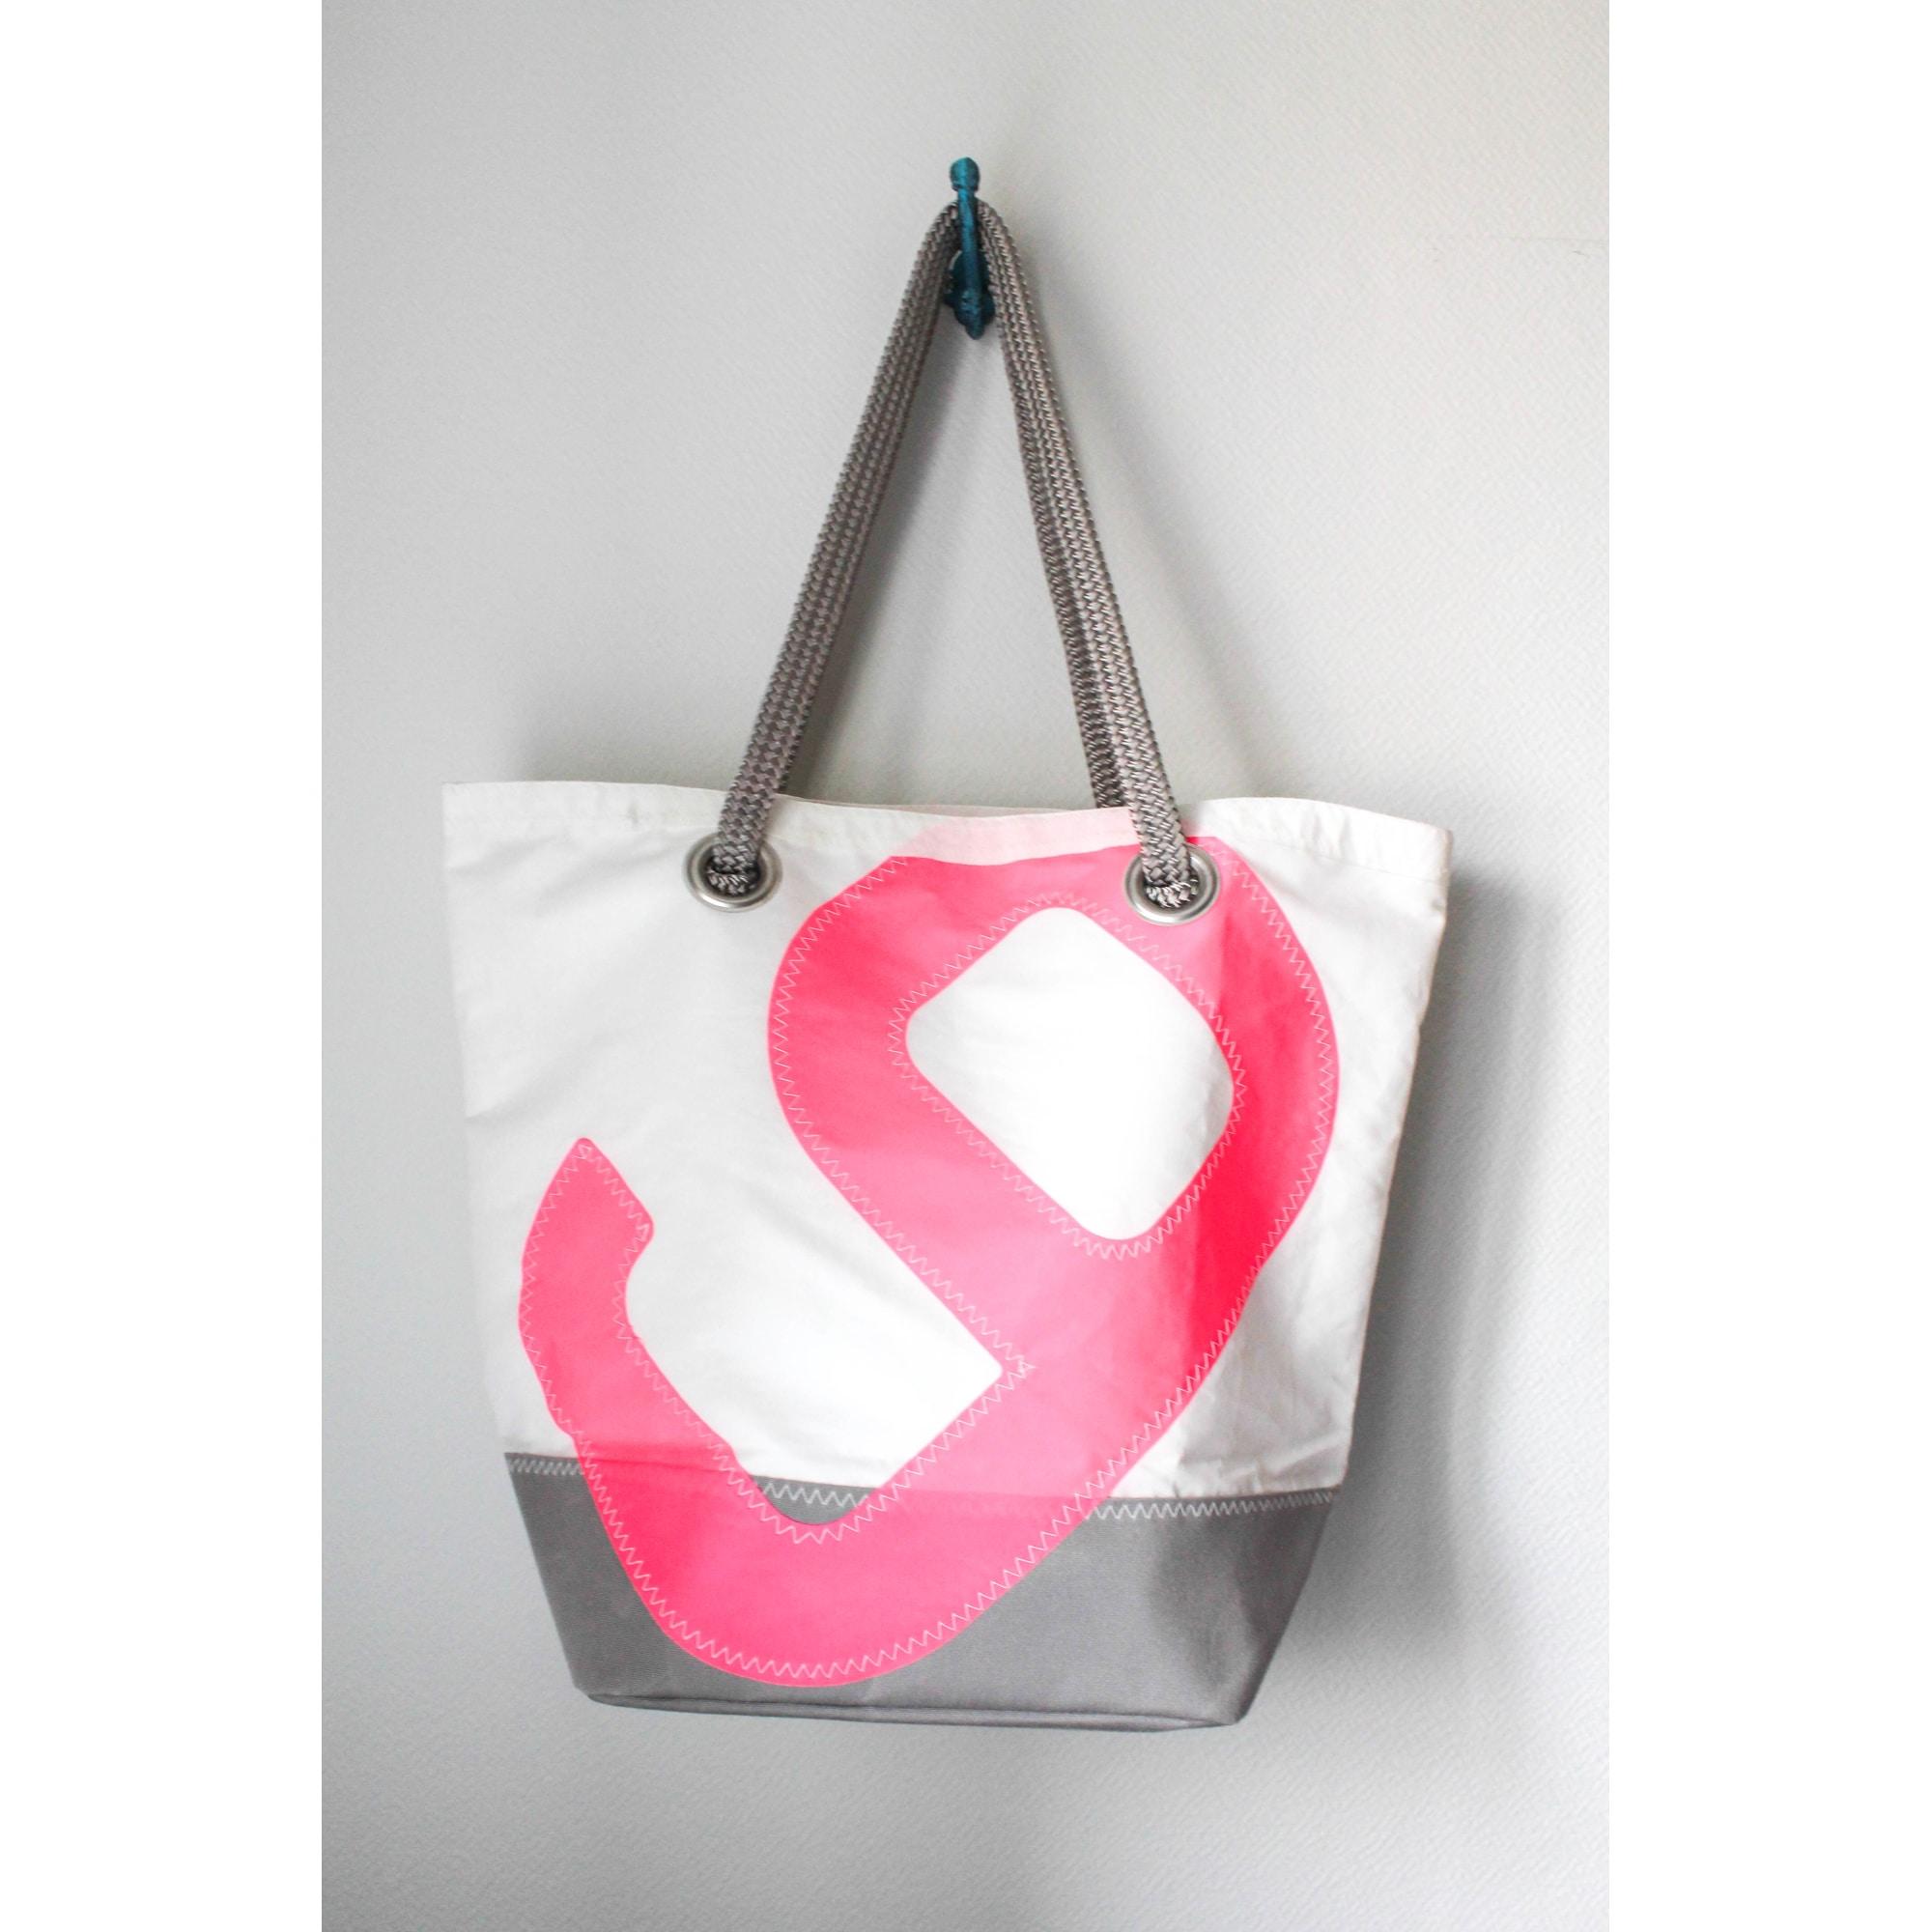 sac xl en tissu 727 sailbags bleu - 7458170